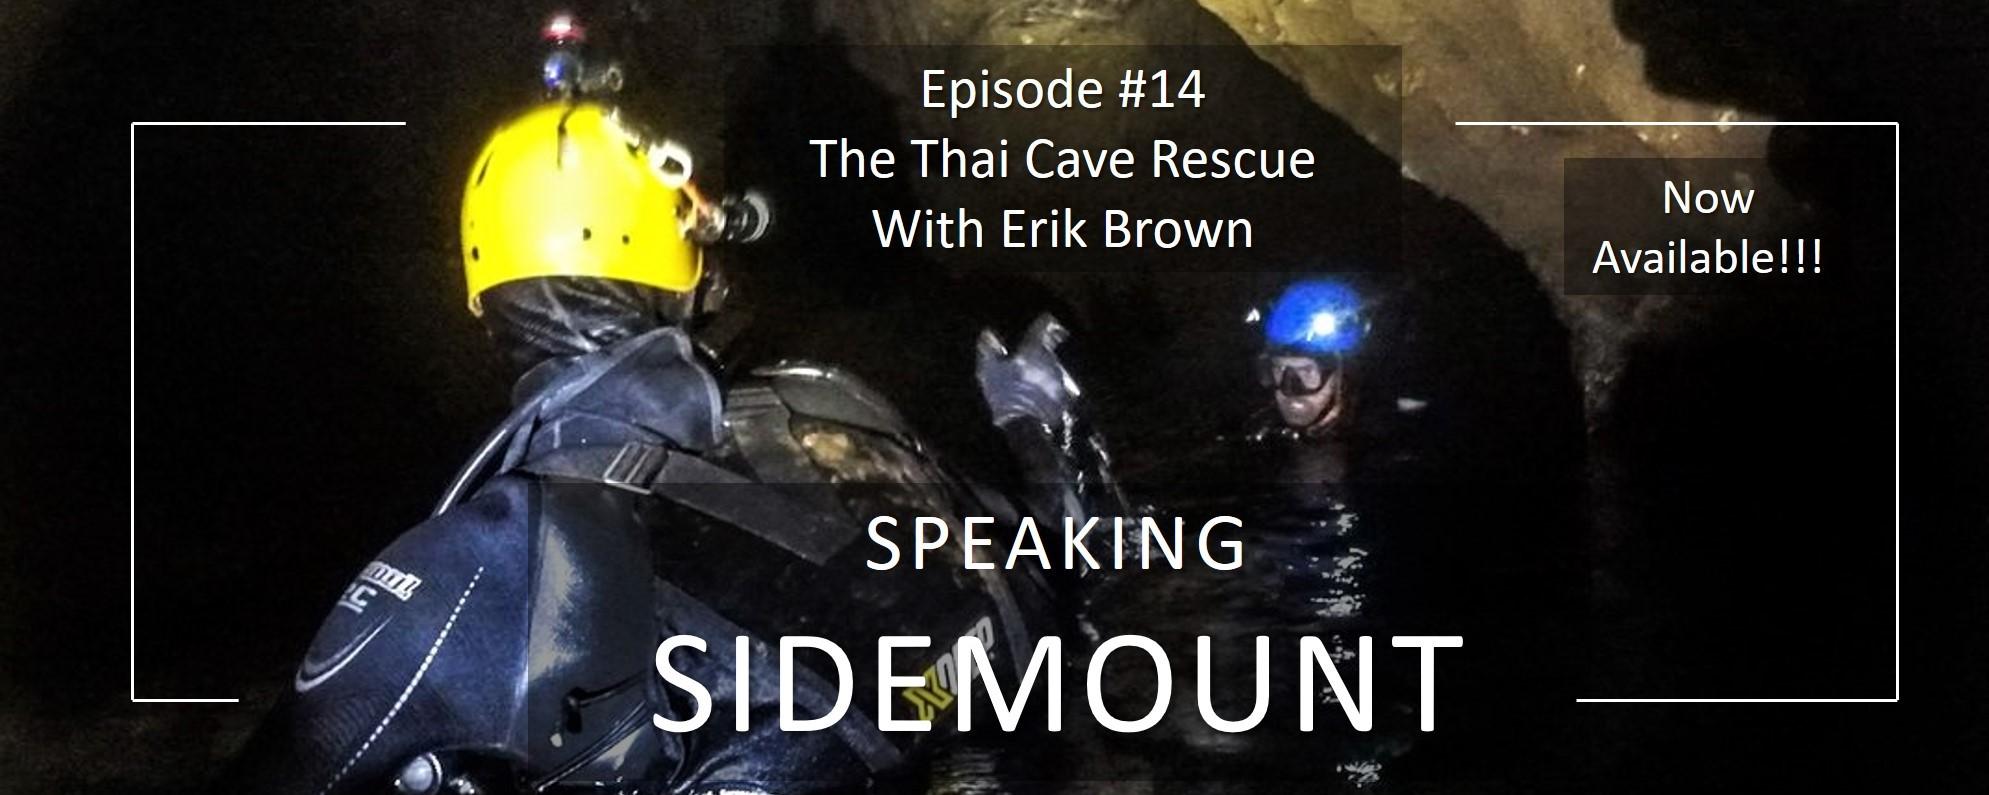 Speaking Sidemount Cover 1920x480 (Ep14).jpg